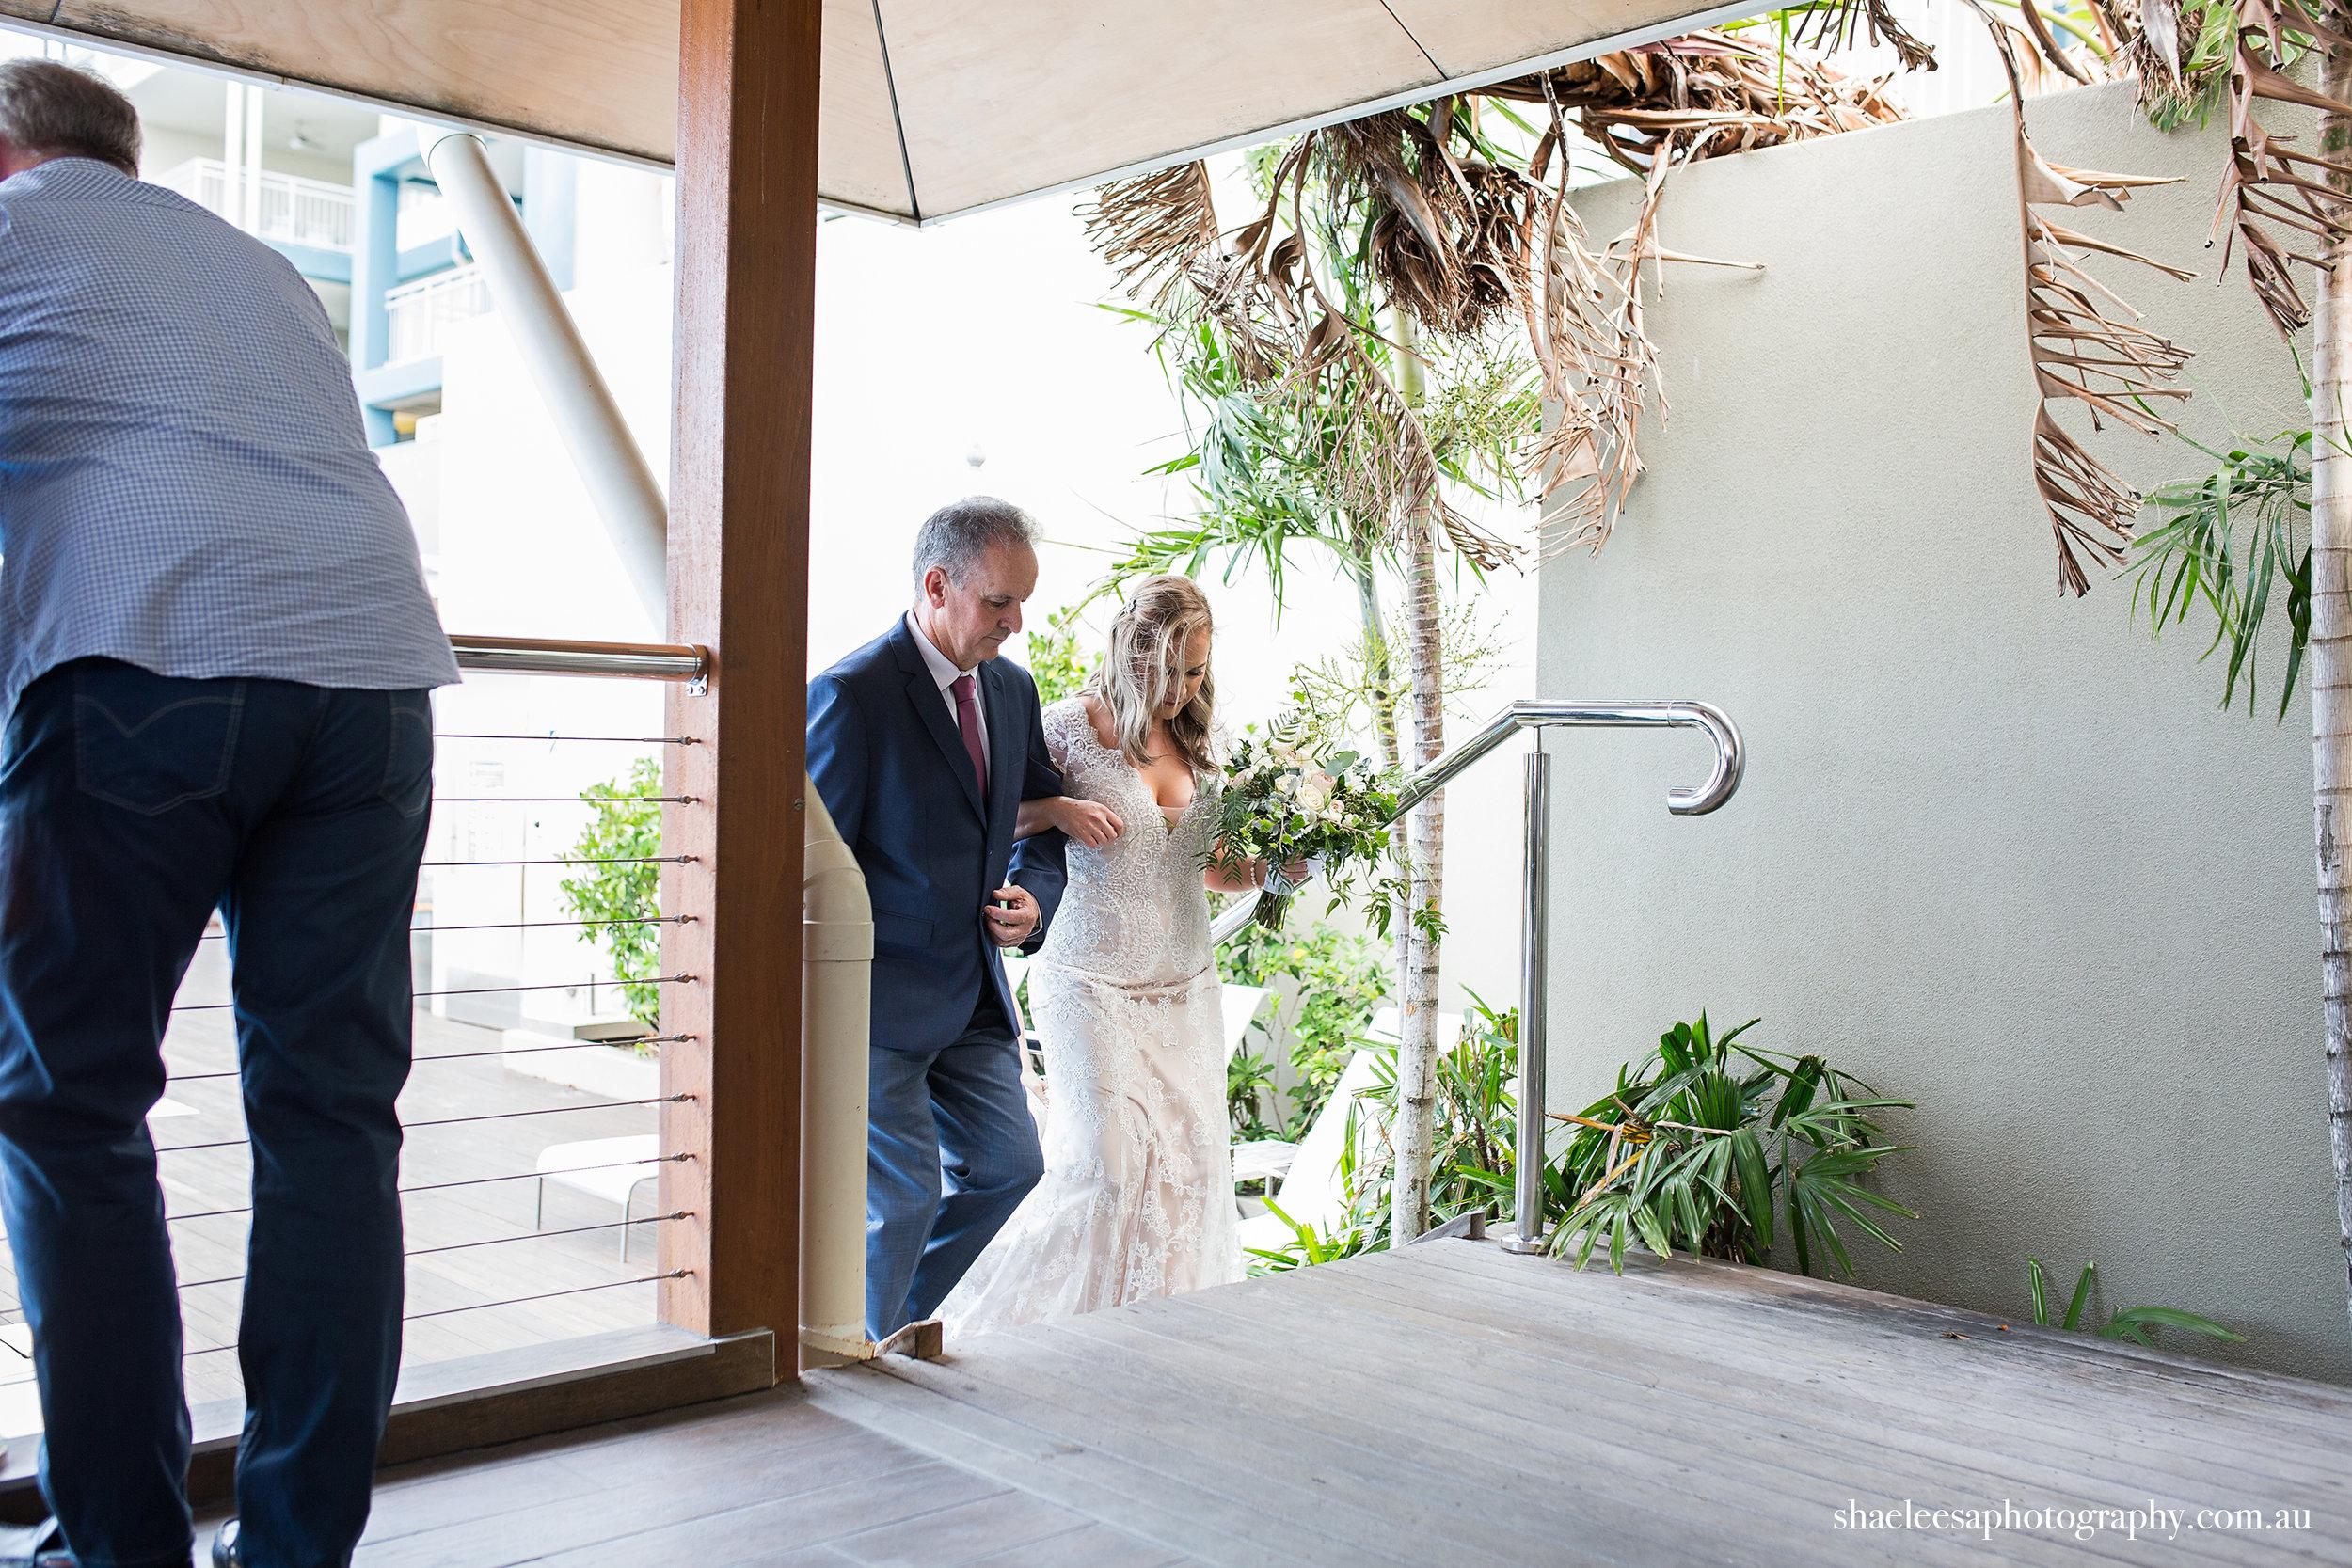 WeddingsByShae_050_McDermid2017.jpg